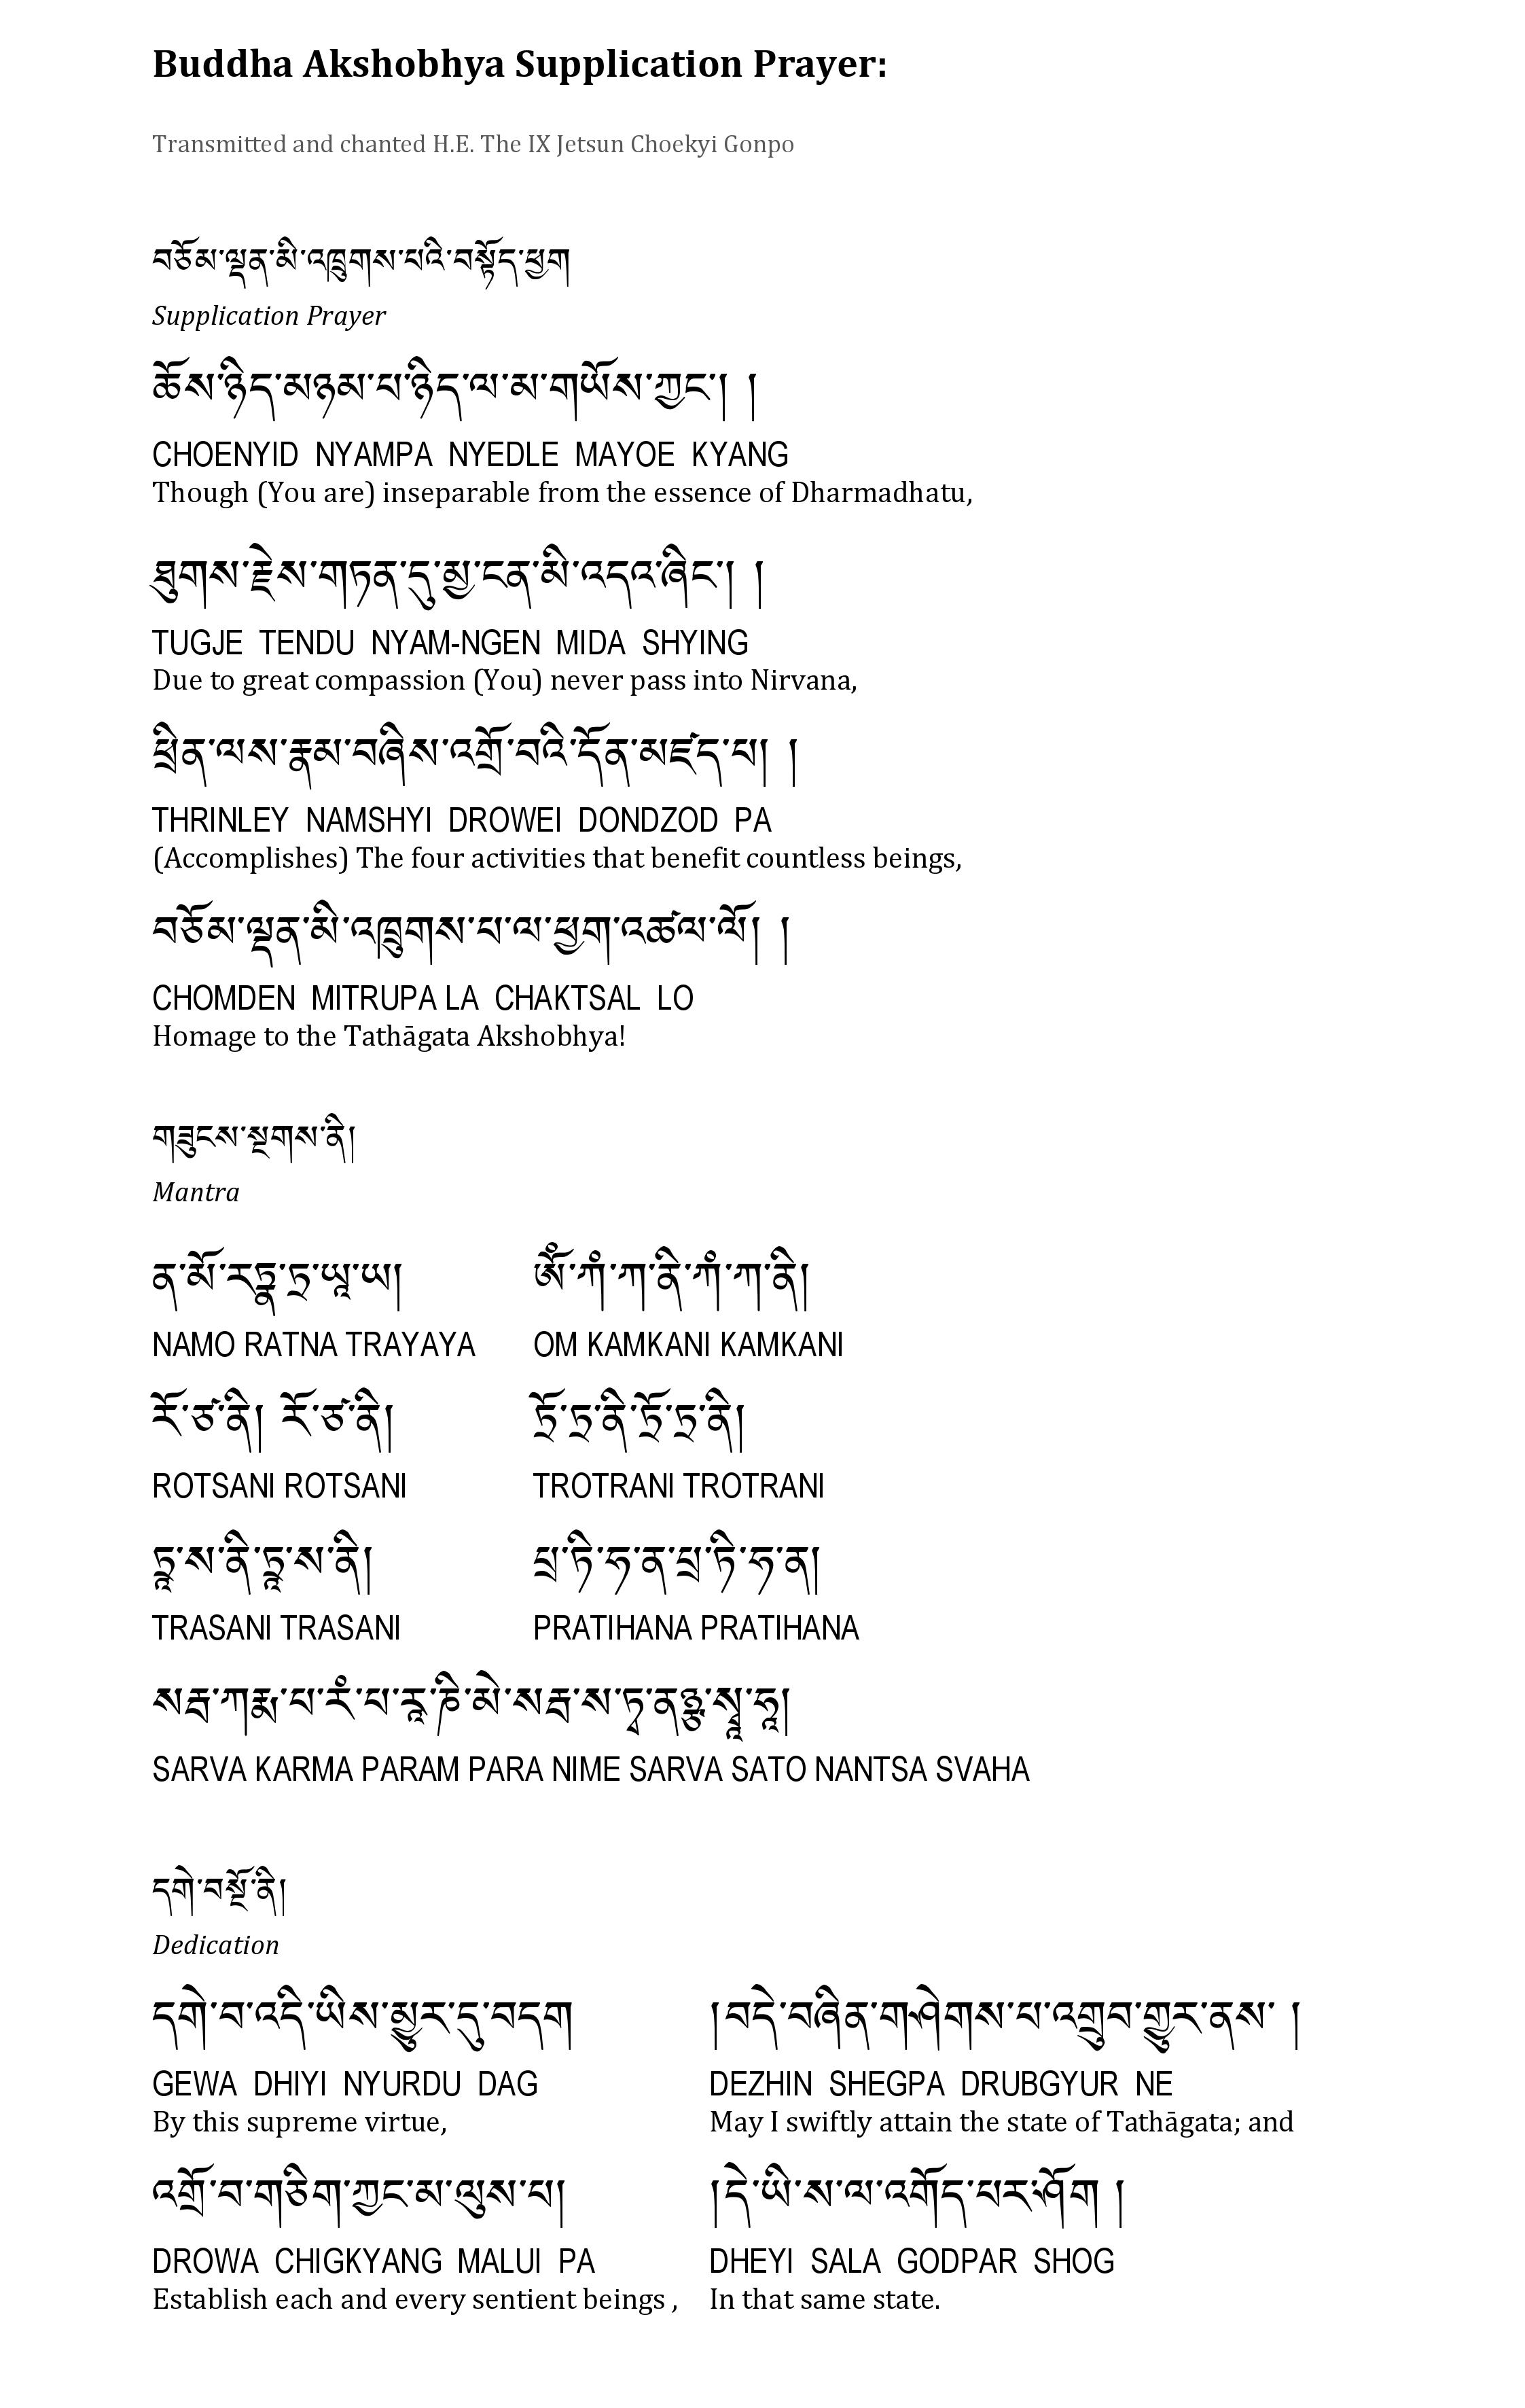 Buddha Akshobhya Prayer by Choekyi Gonpo IX